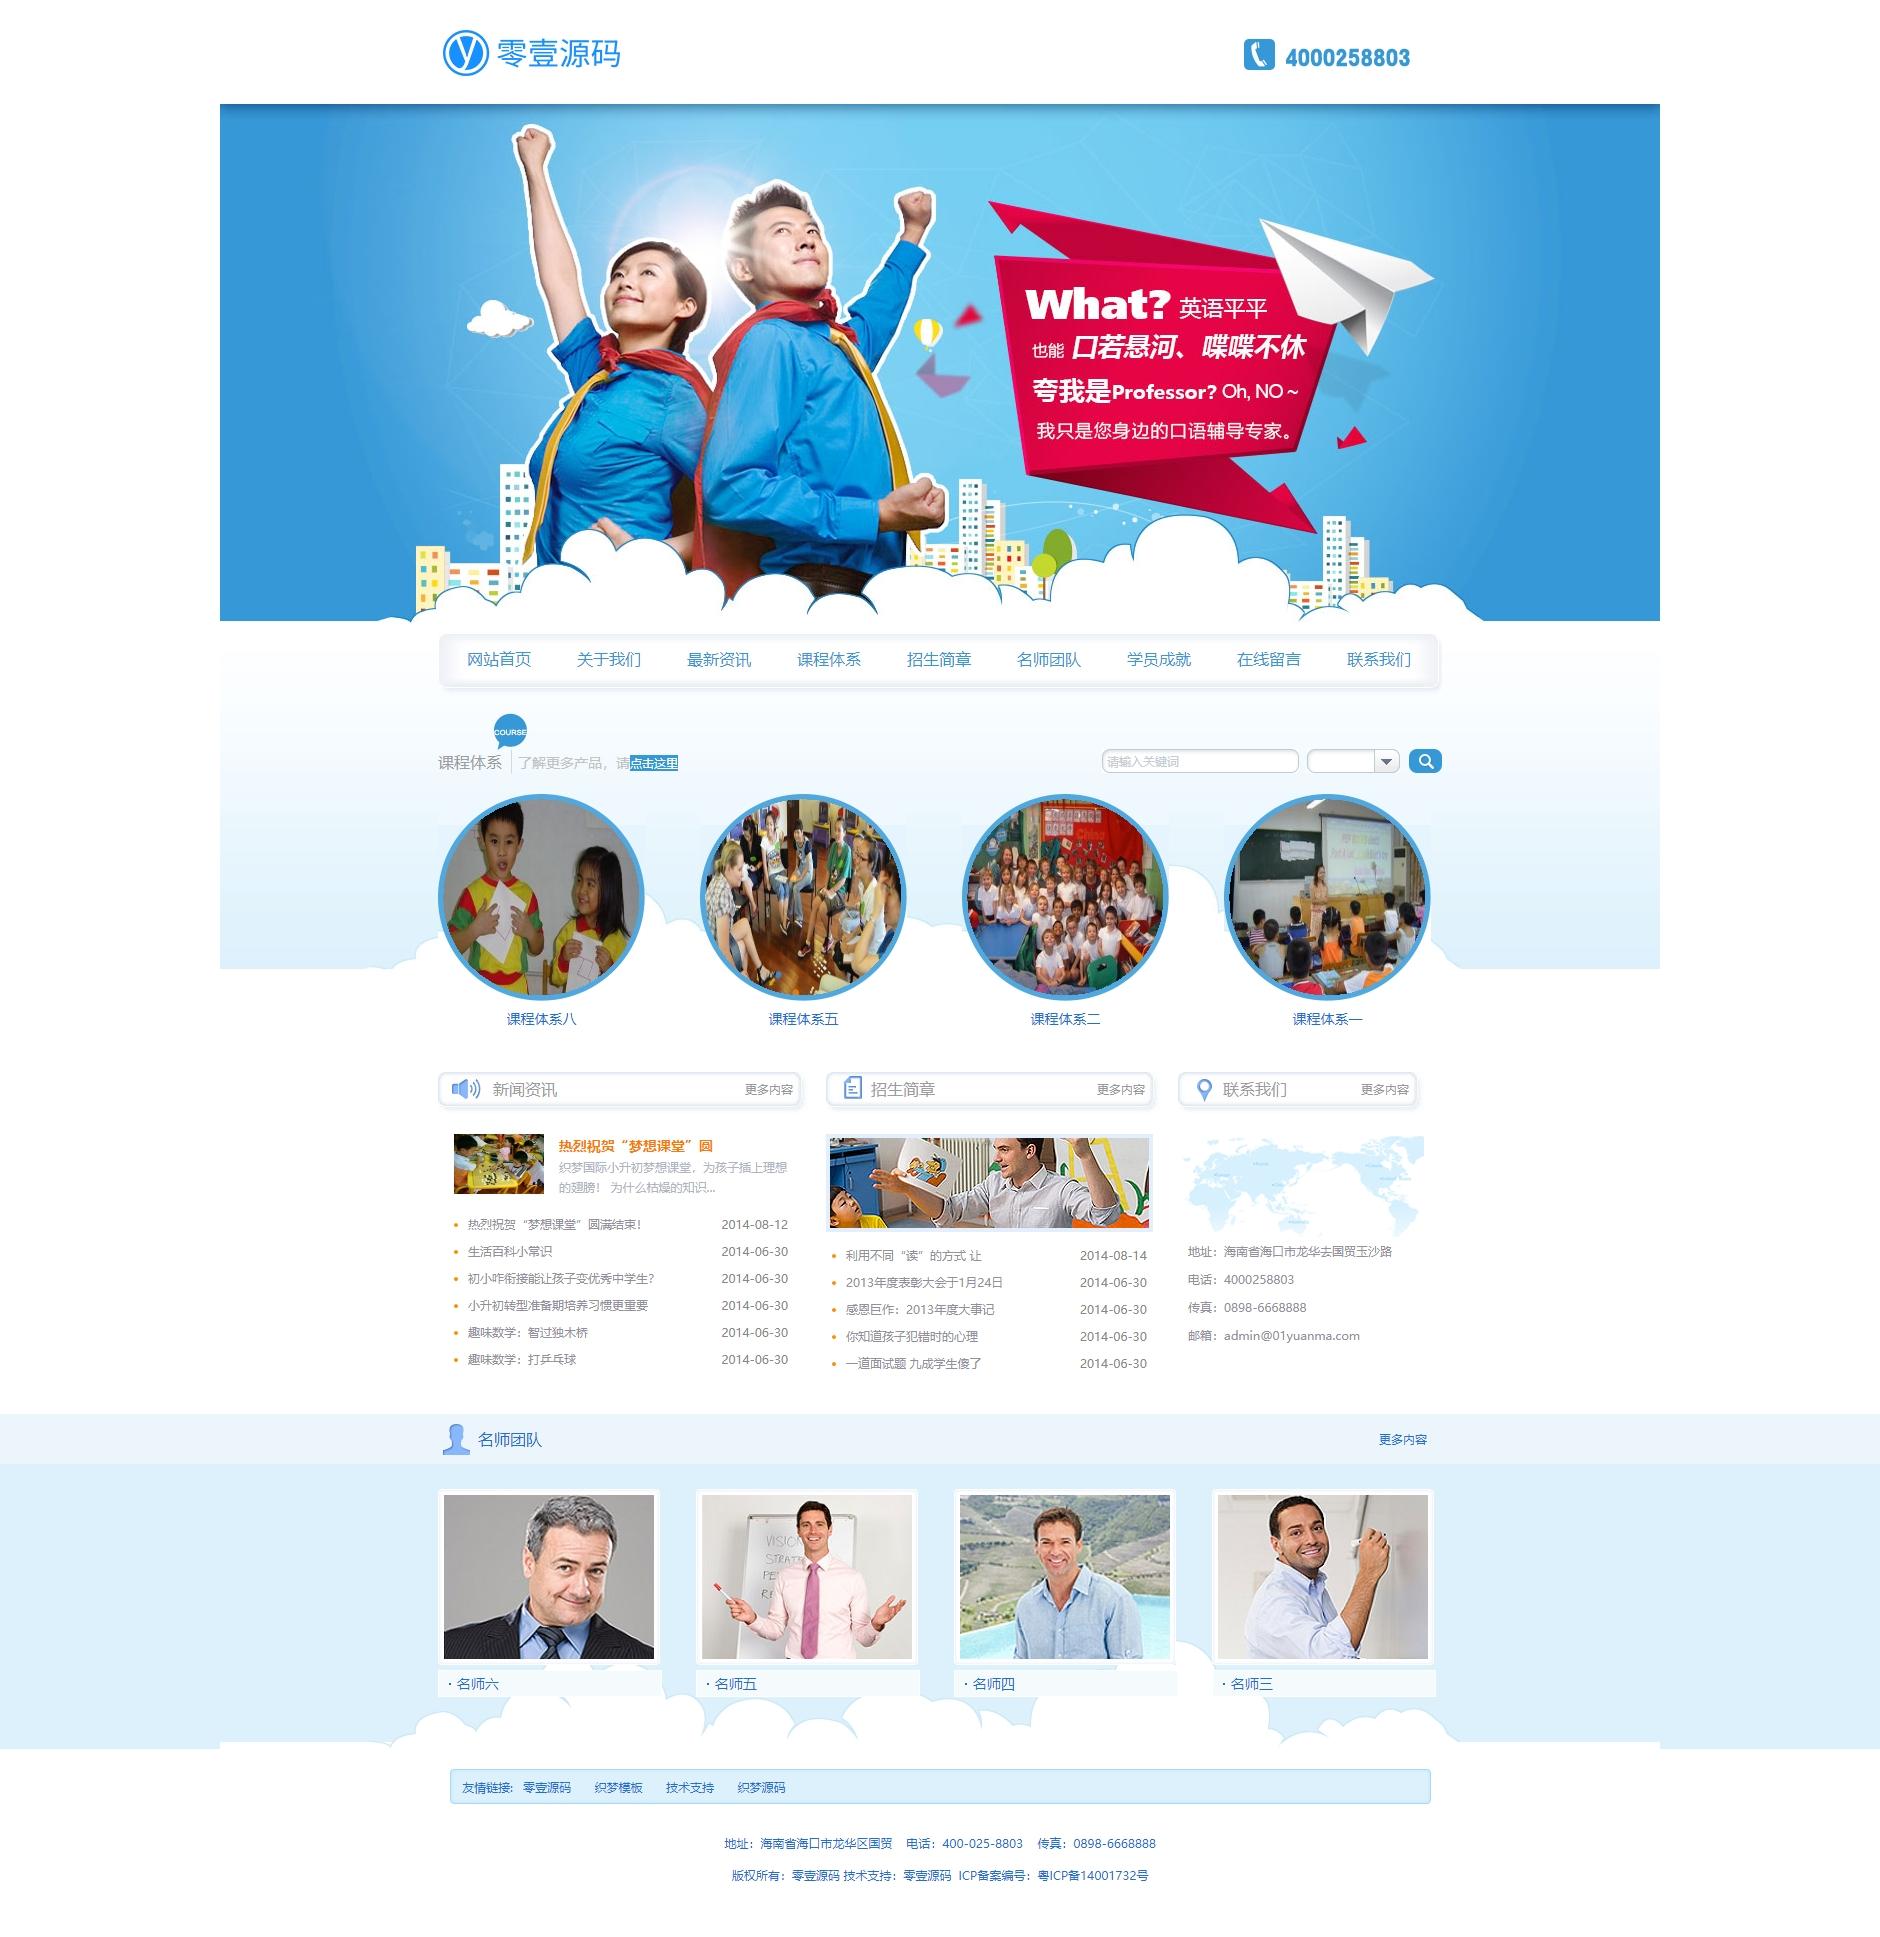 蓝色学校教育培训机构类企业网站织梦dedecms模板